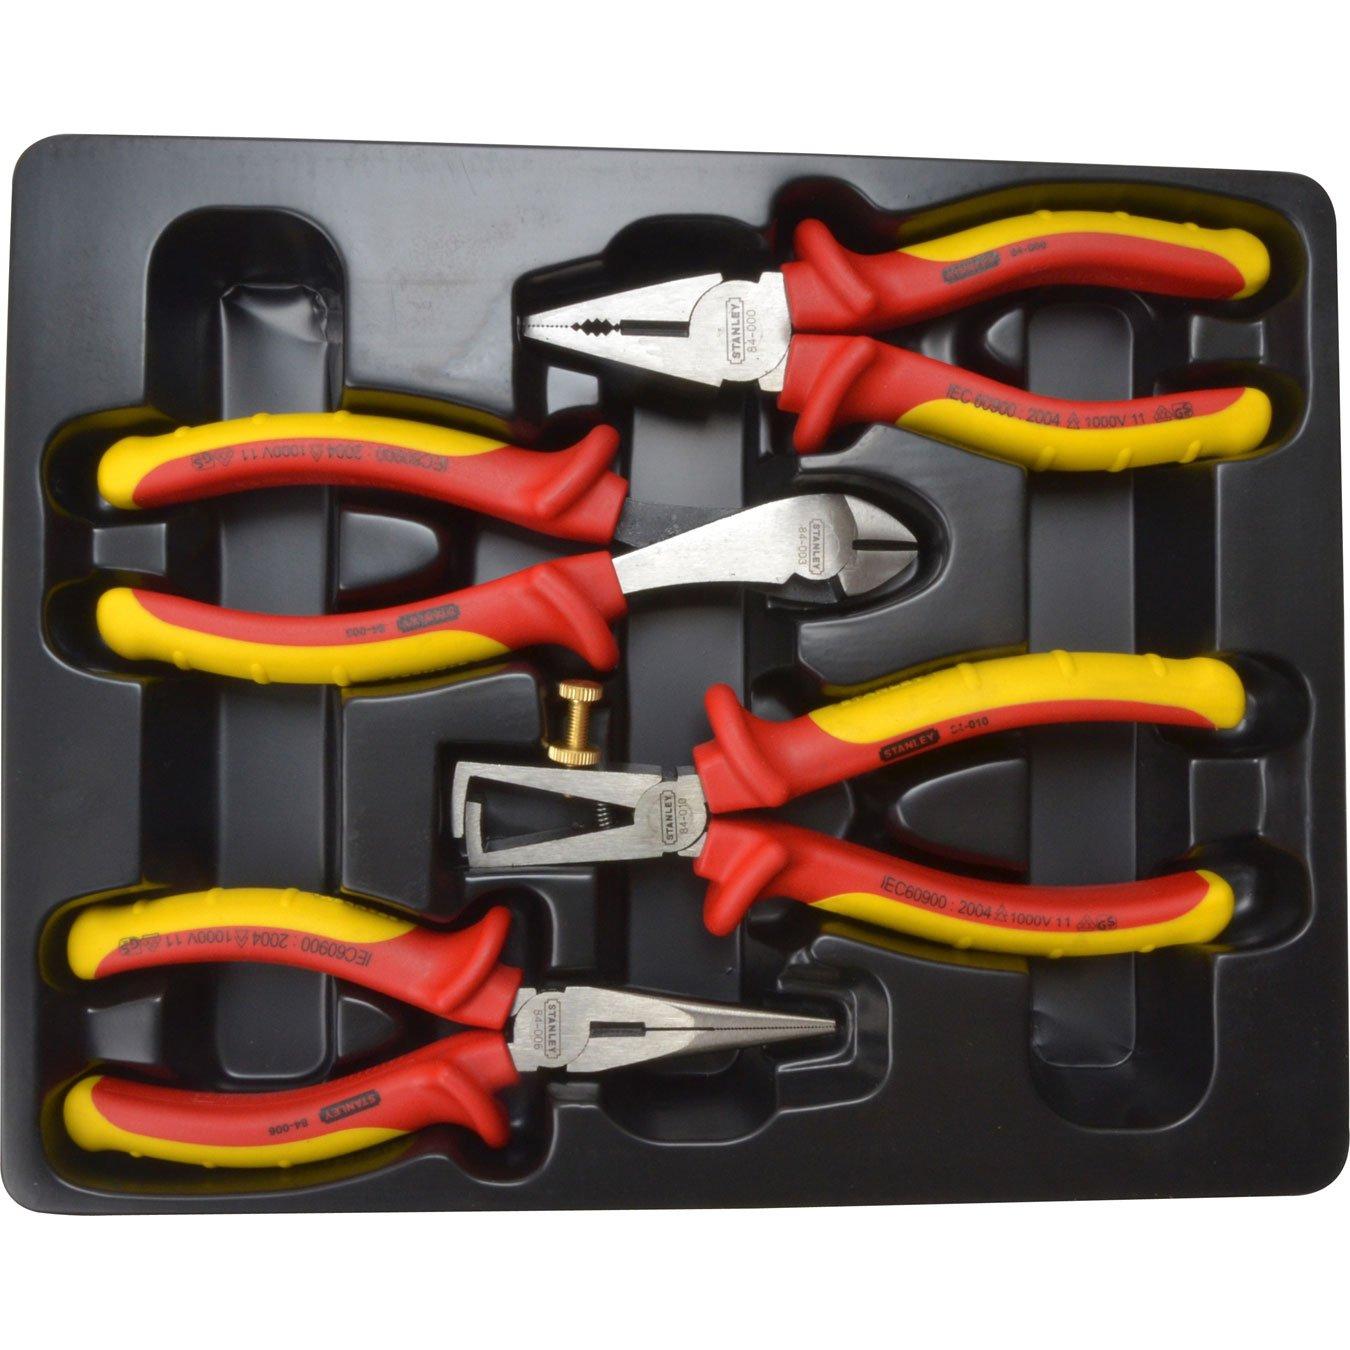 Stanley STA584489 - Alicates (pack de 4): Amazon.es: Bricolaje y herramientas